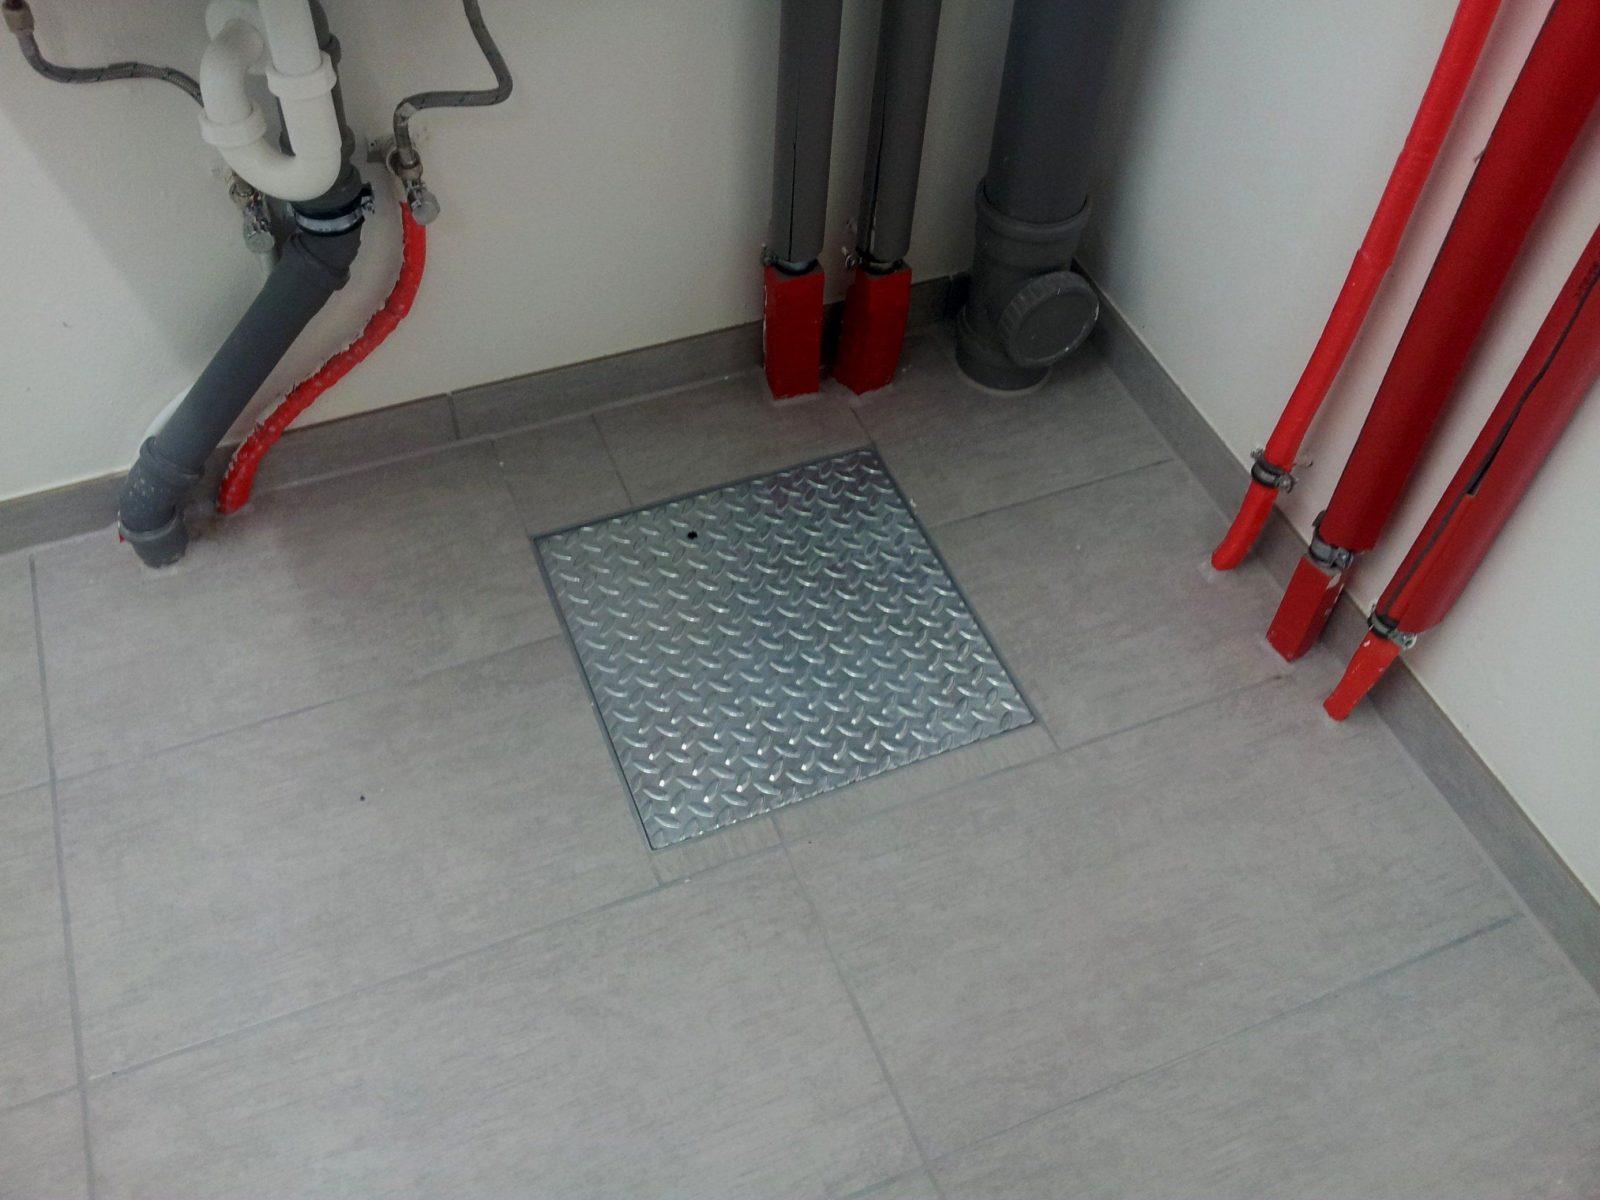 Boden Verlegen Finest Trschwelle Mit Blauem Pvc Im Raum With Boden von Pvc Boden Auf Fliesen Verlegen Bild